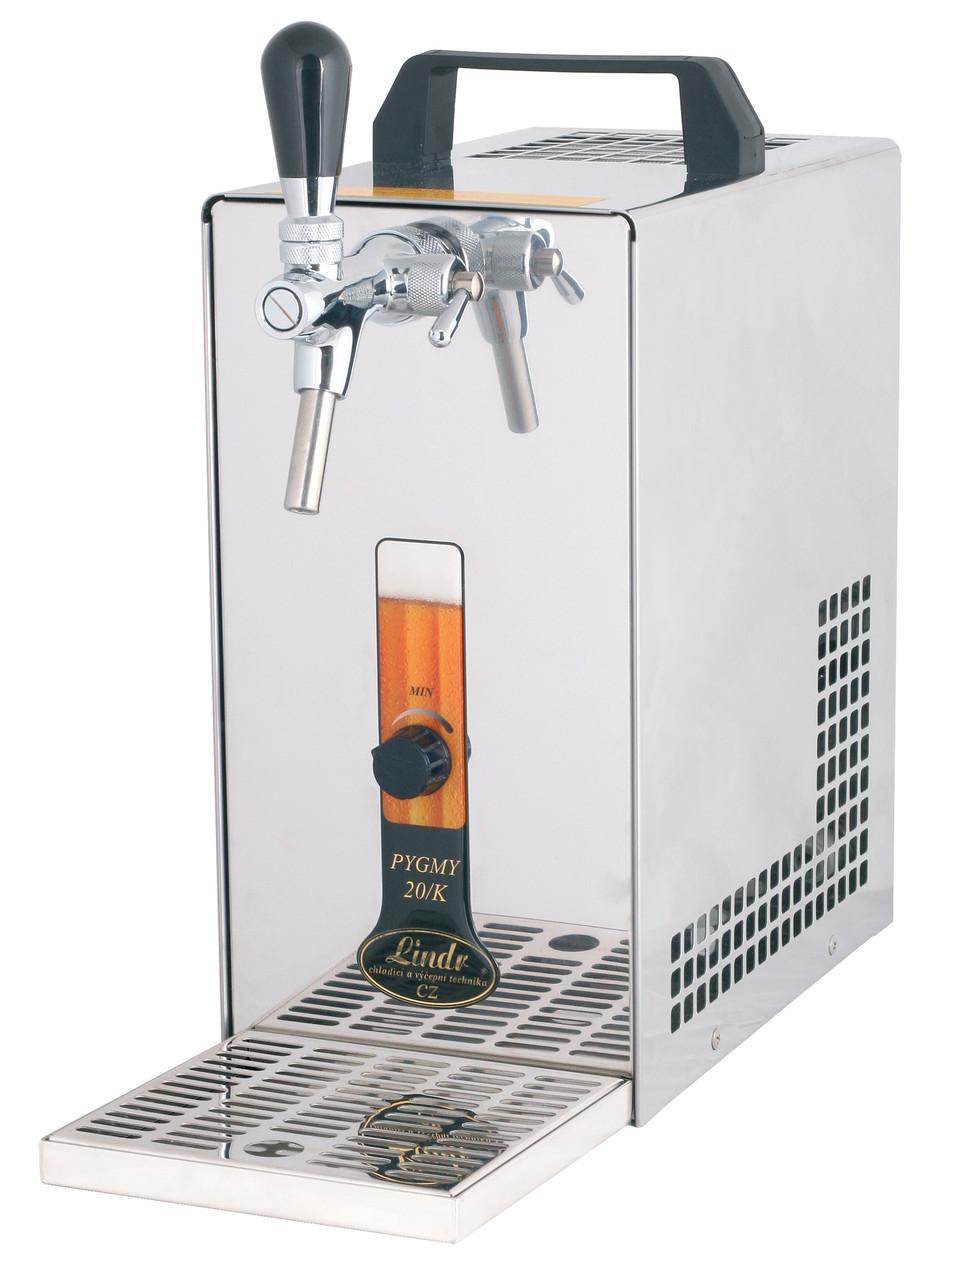 Охладитель пива надстоечный для домашнего бара - 20 л/ч - сухой Pygmy 20/K, с насосом, Lindr, Чехия - MagNum-beer в Киеве